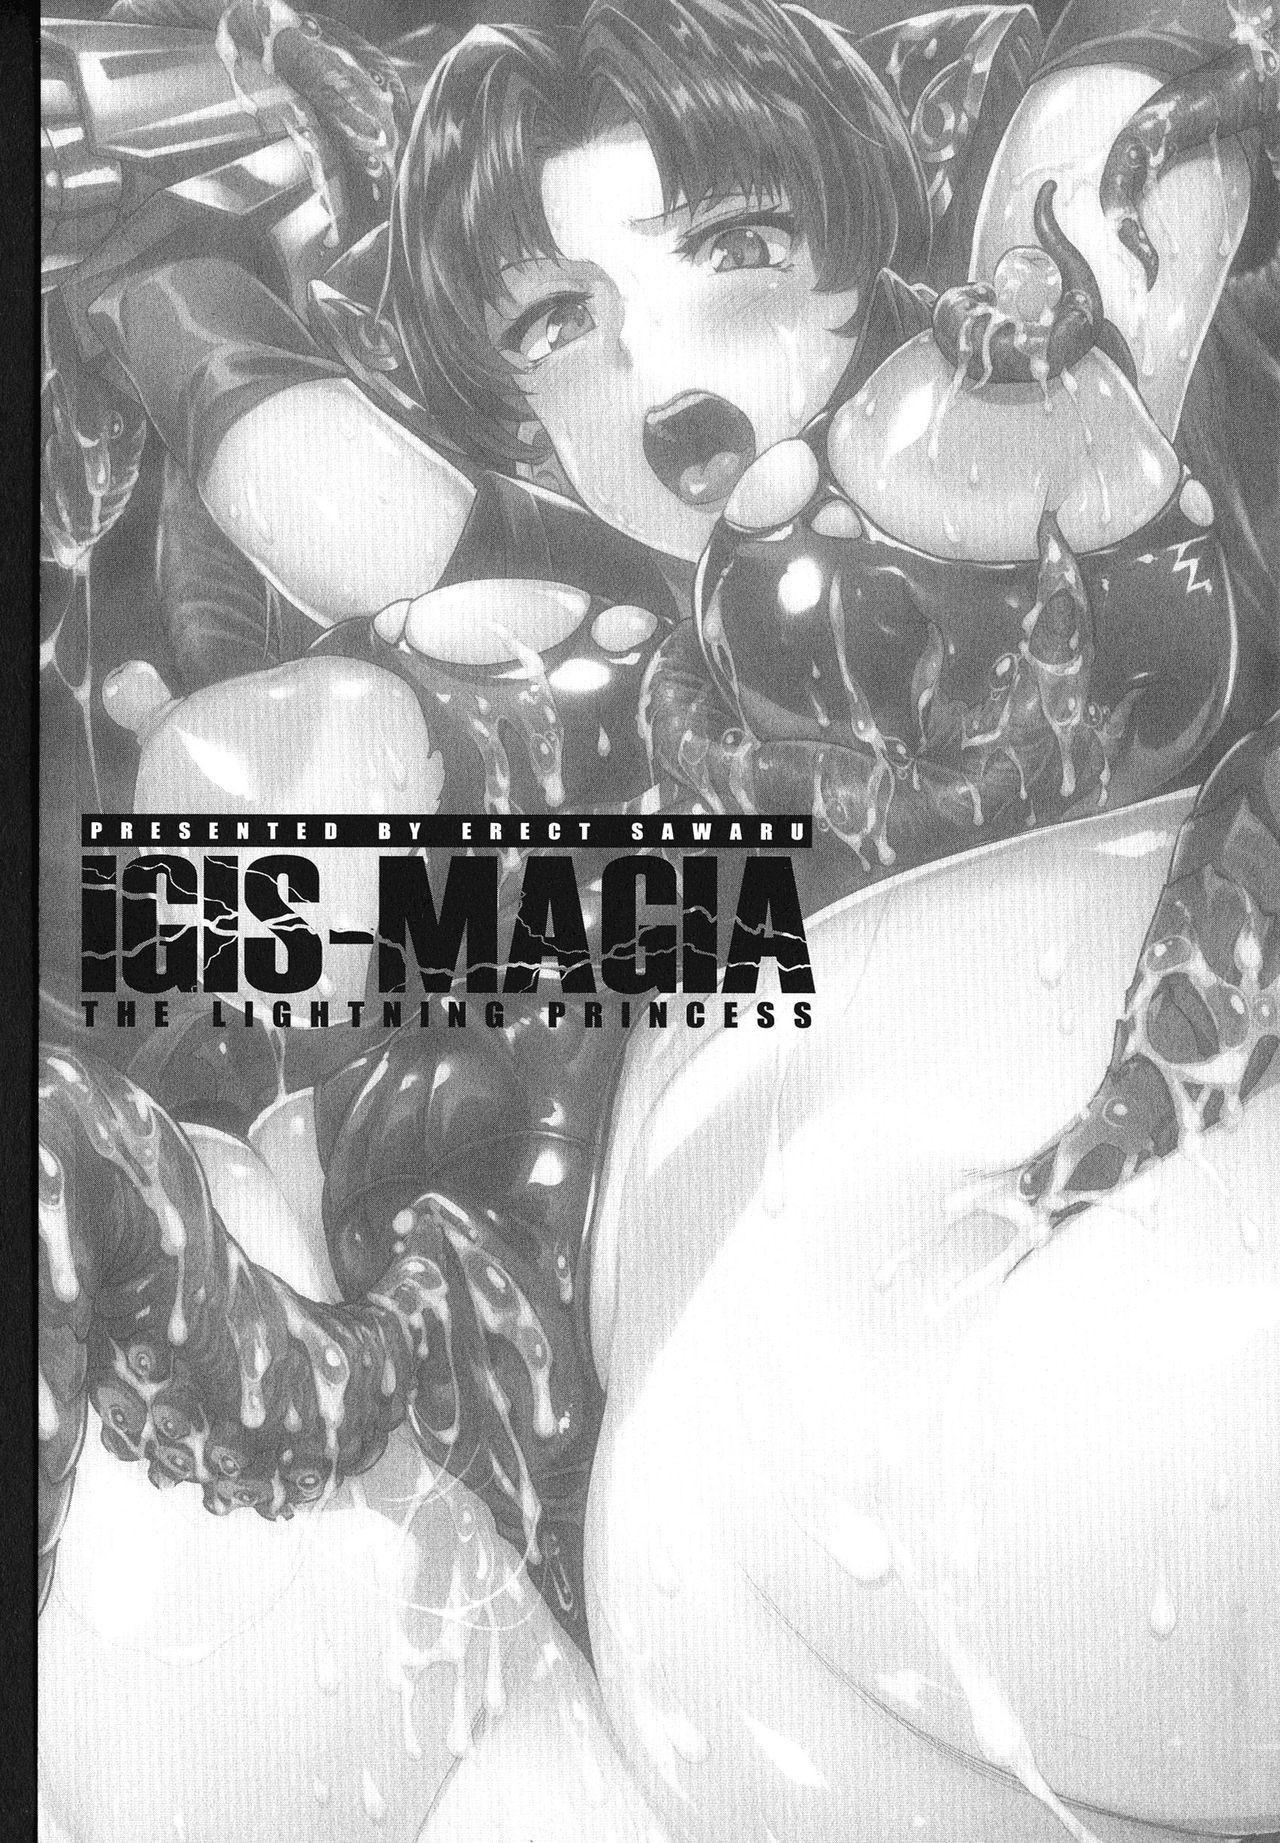 [Erect Sawaru] Raikou Shinki Igis Magia -PANDRA saga 3rd ignition- Ch. 1-7 + Medousa [English] [CGrascal] 5